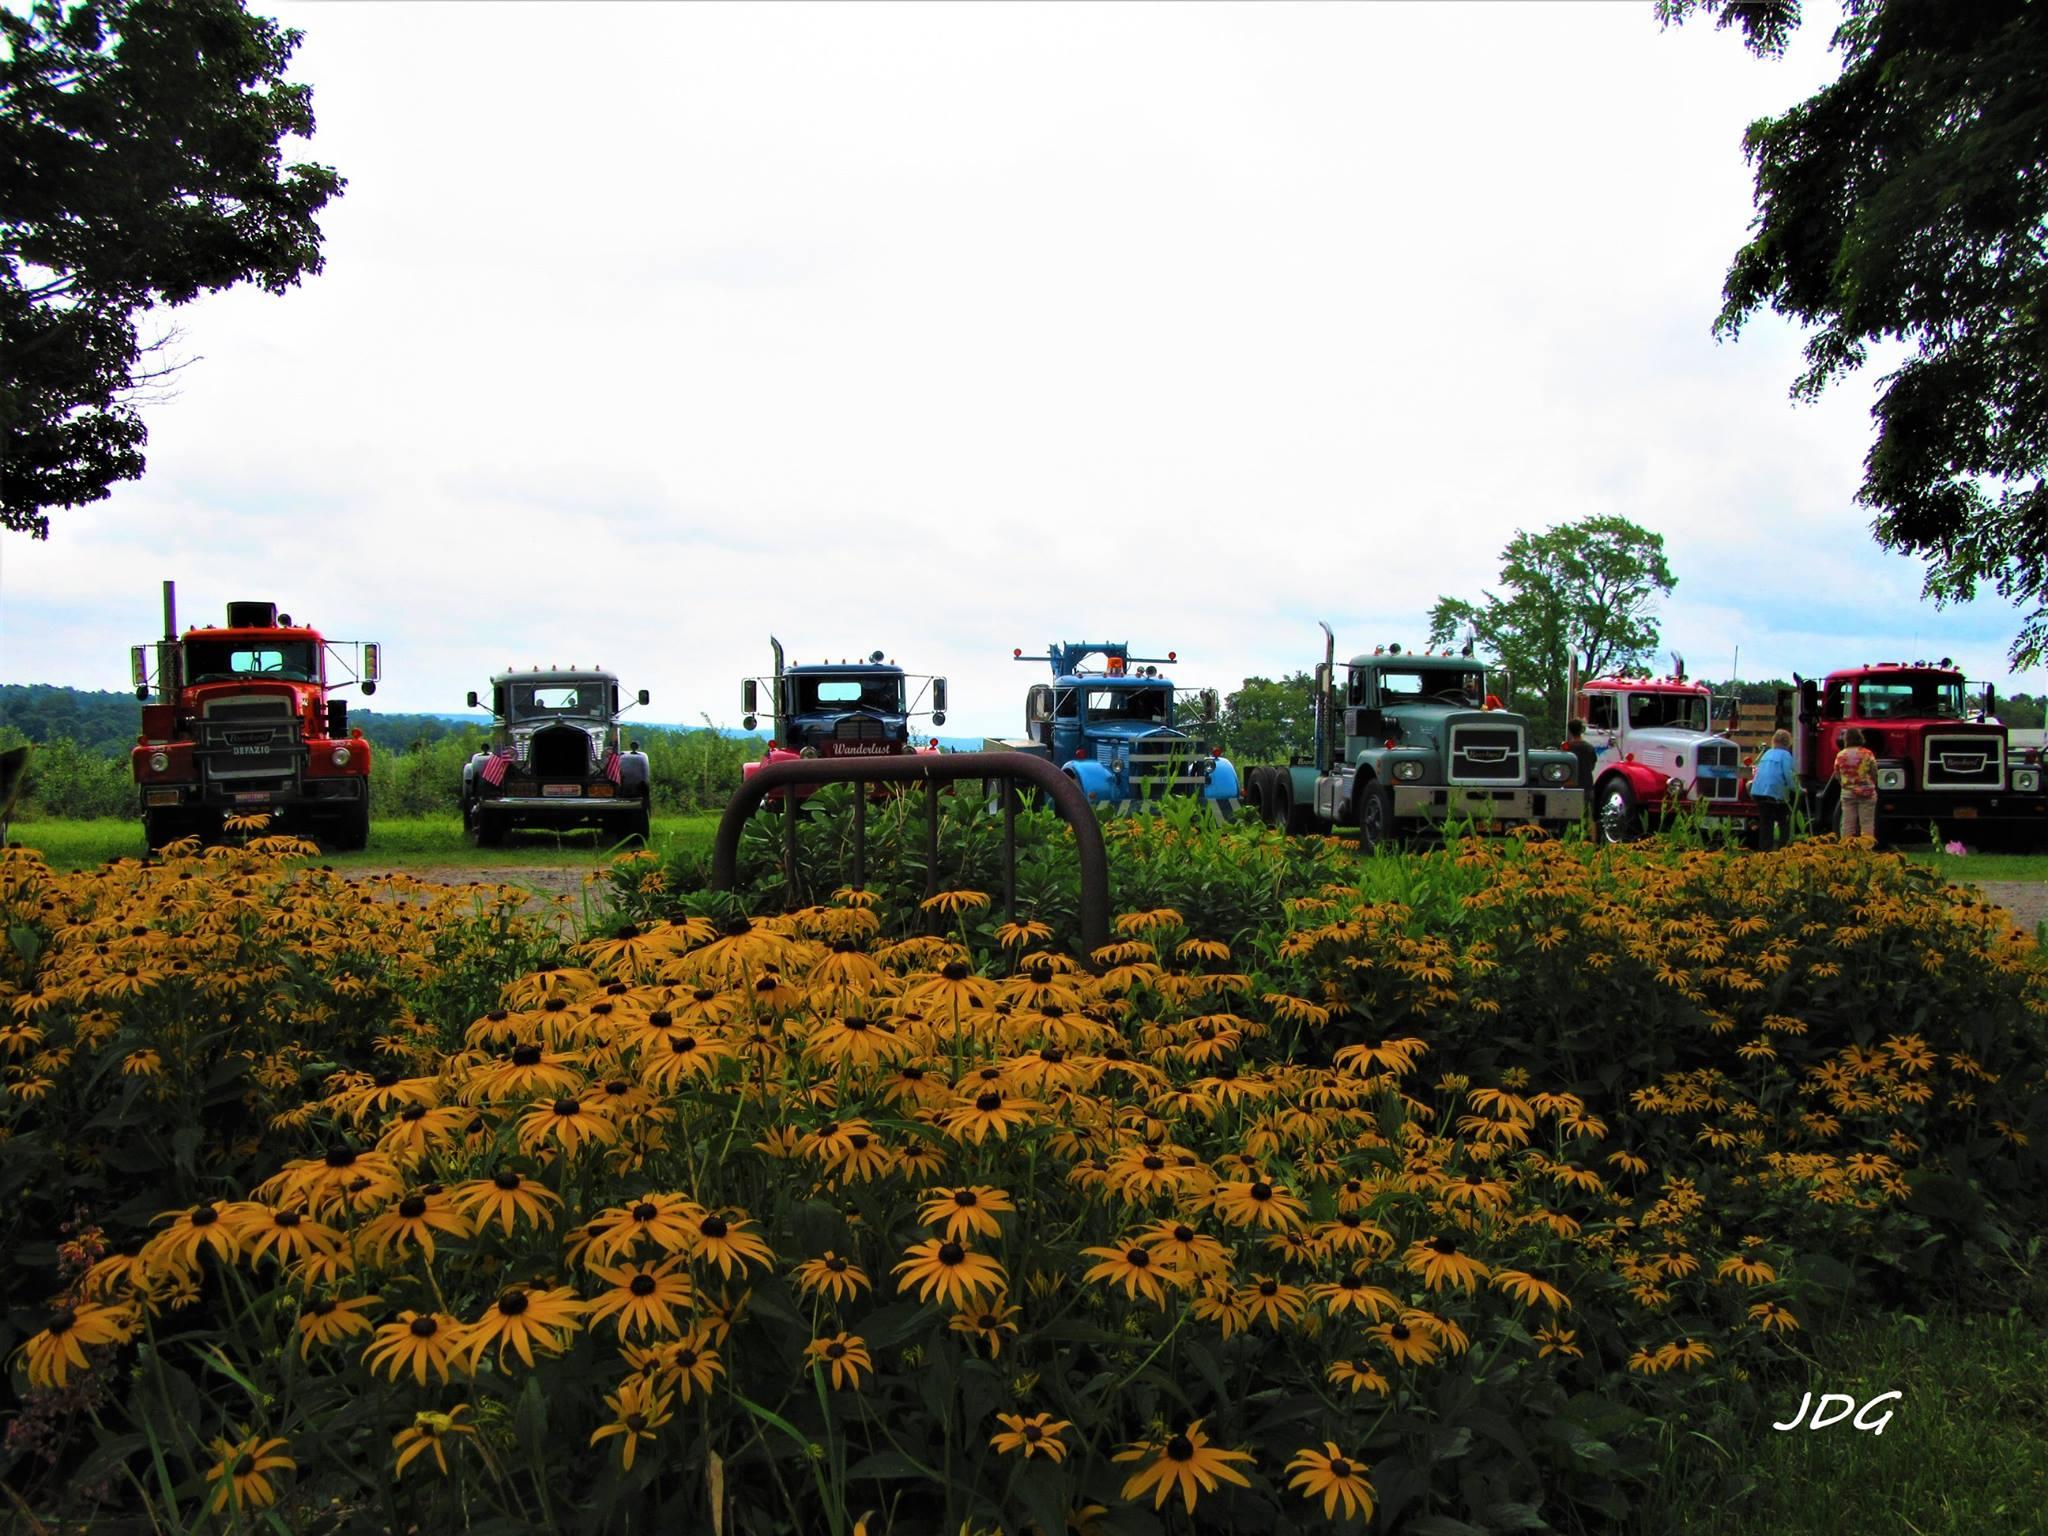 Brockway_Trucks-12